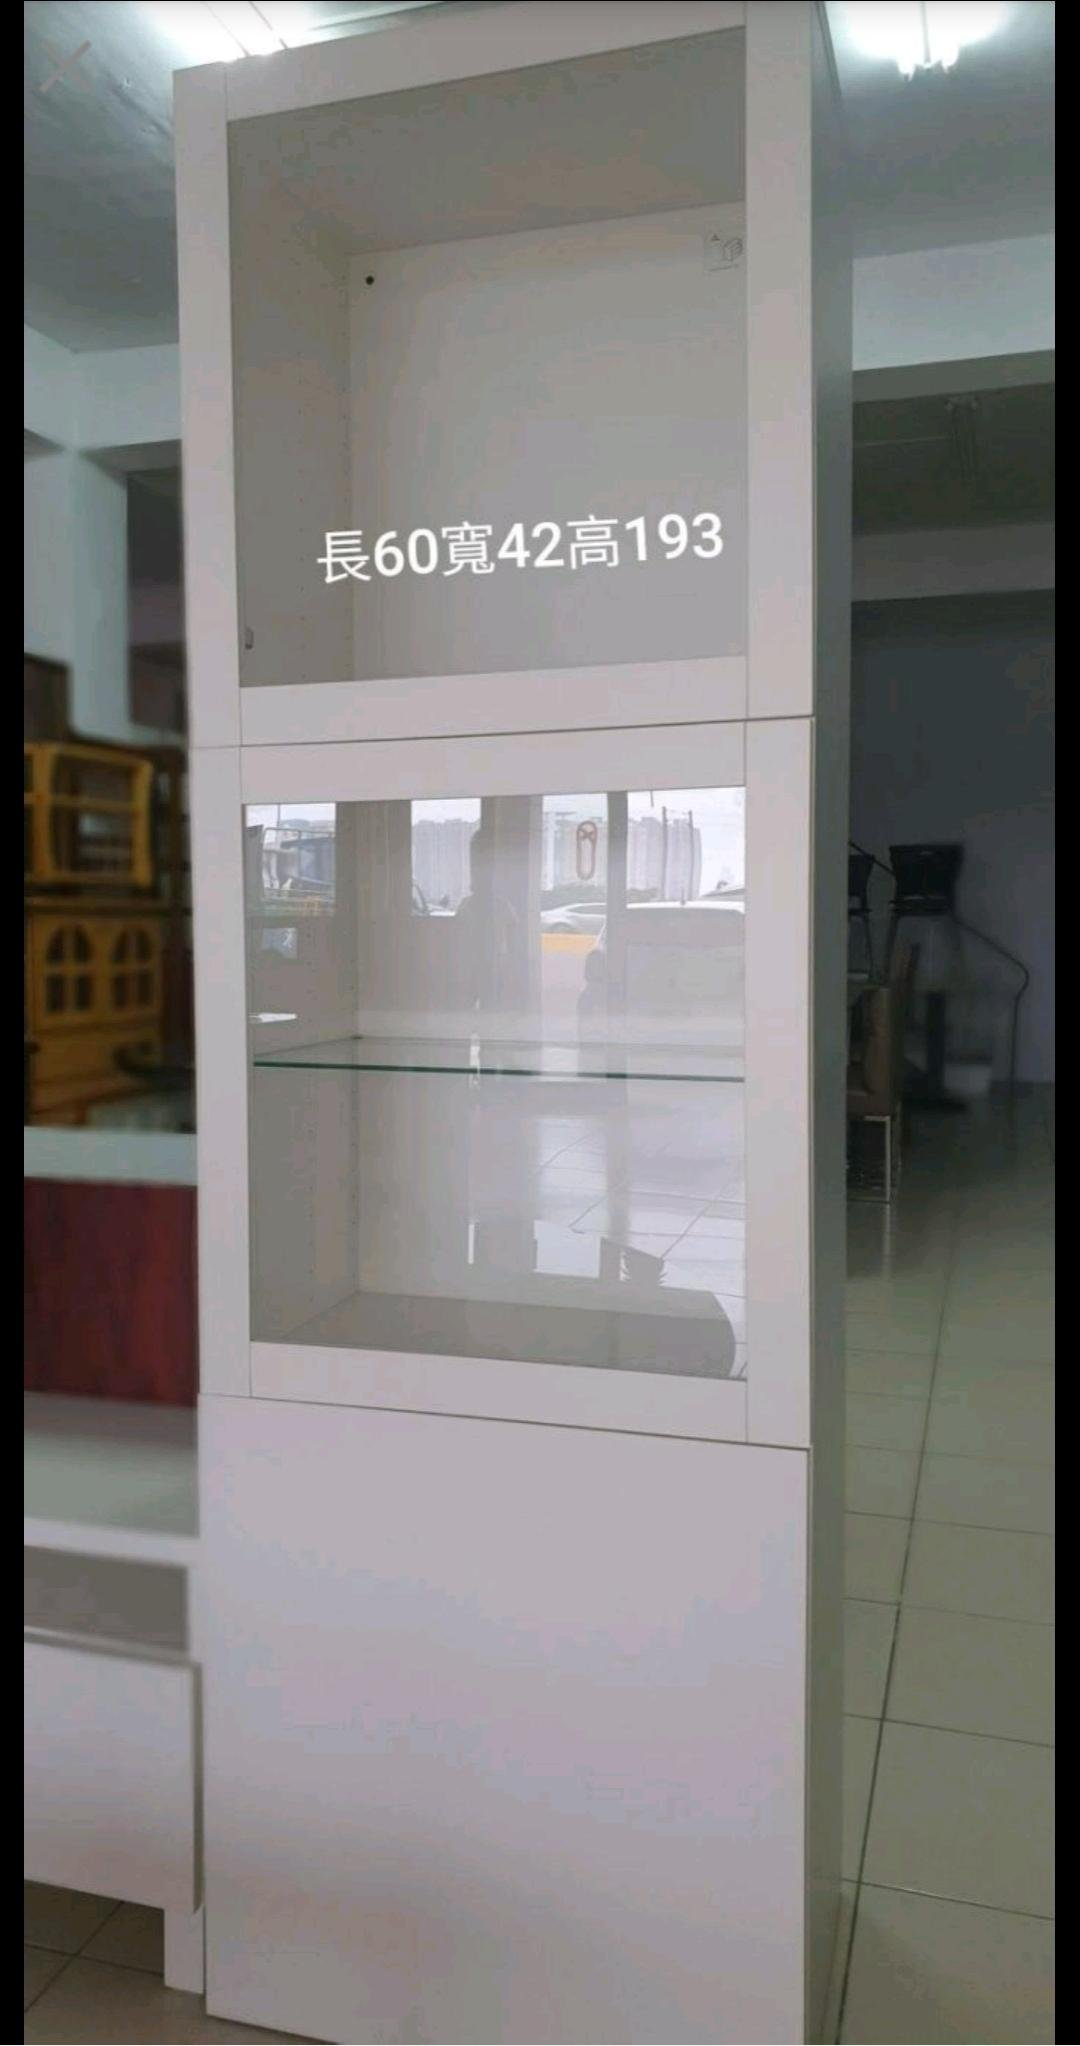 新竹二手家具買賣來來-白色-玻璃酒櫃書櫃展示櫃(分店)~新竹搬家公司|竹北-新豐竹南頭份-2手-家電買賣中古實木-傢俱沙發-茶几-衣櫥-床架床墊冰箱-洗衣機